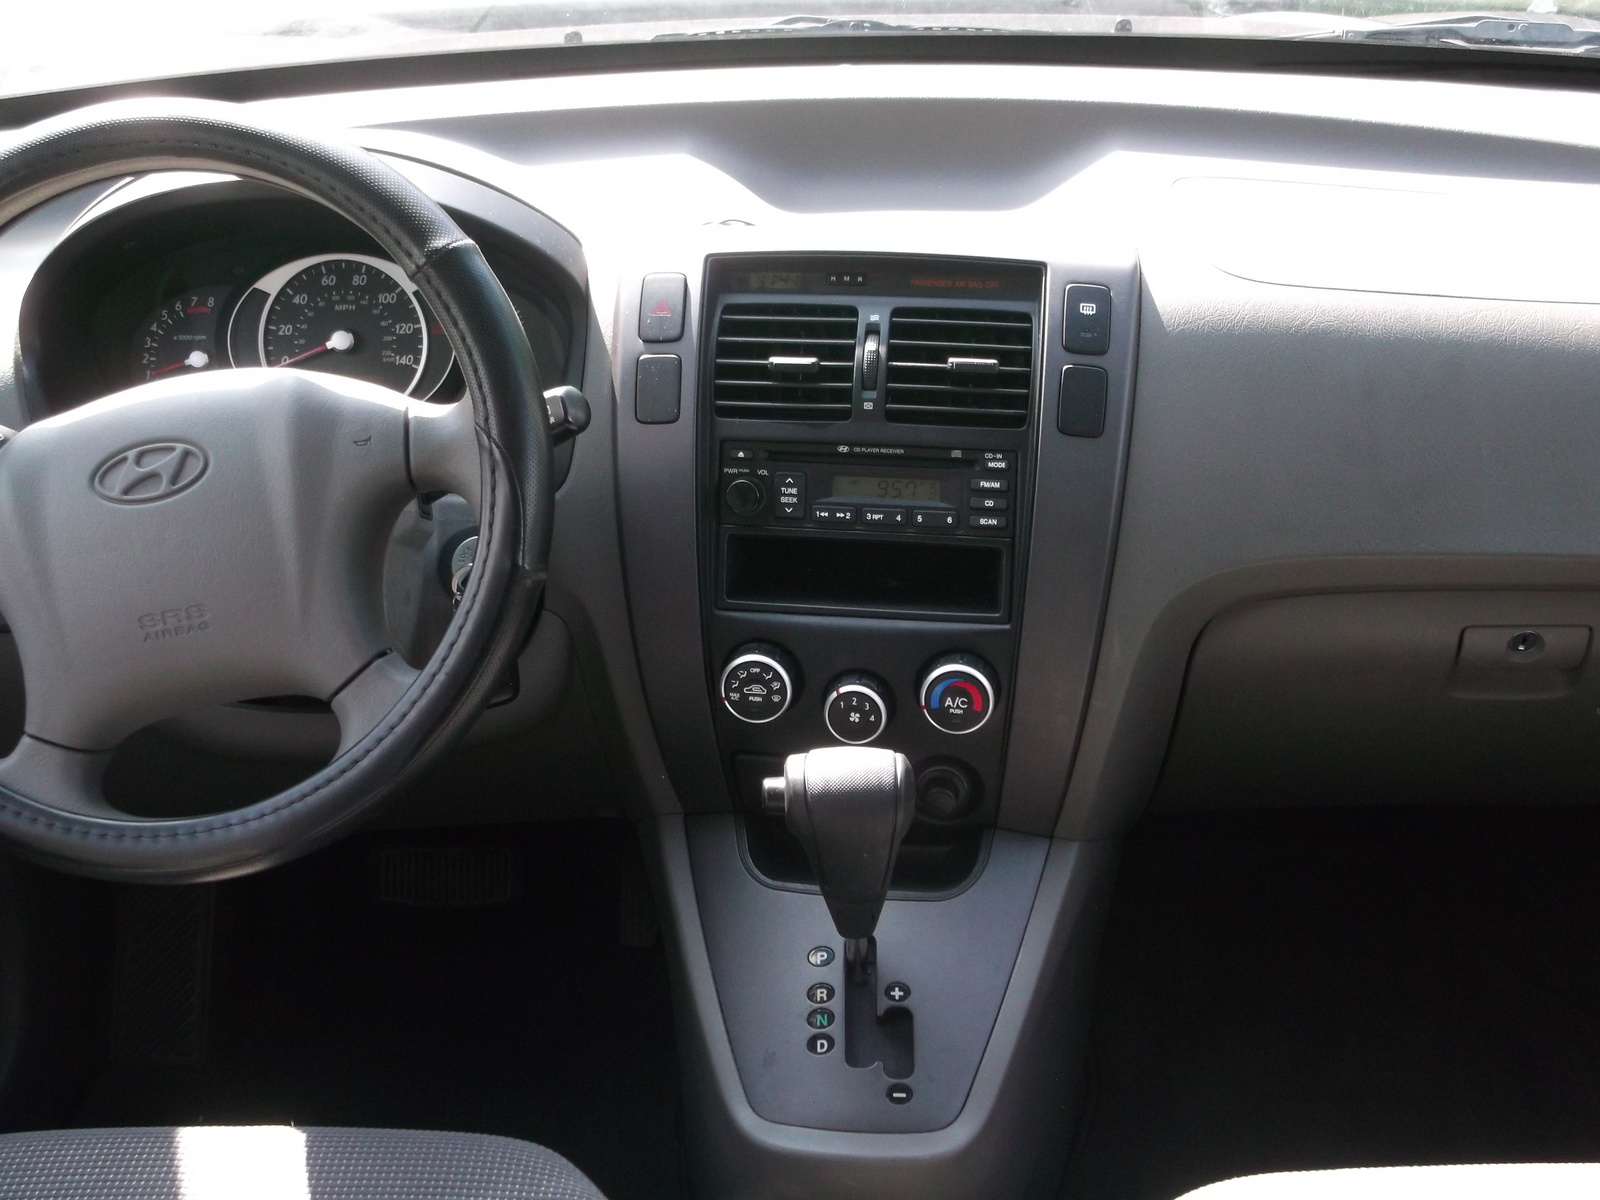 2007 Hyundai Tucson Pictures Cargurus